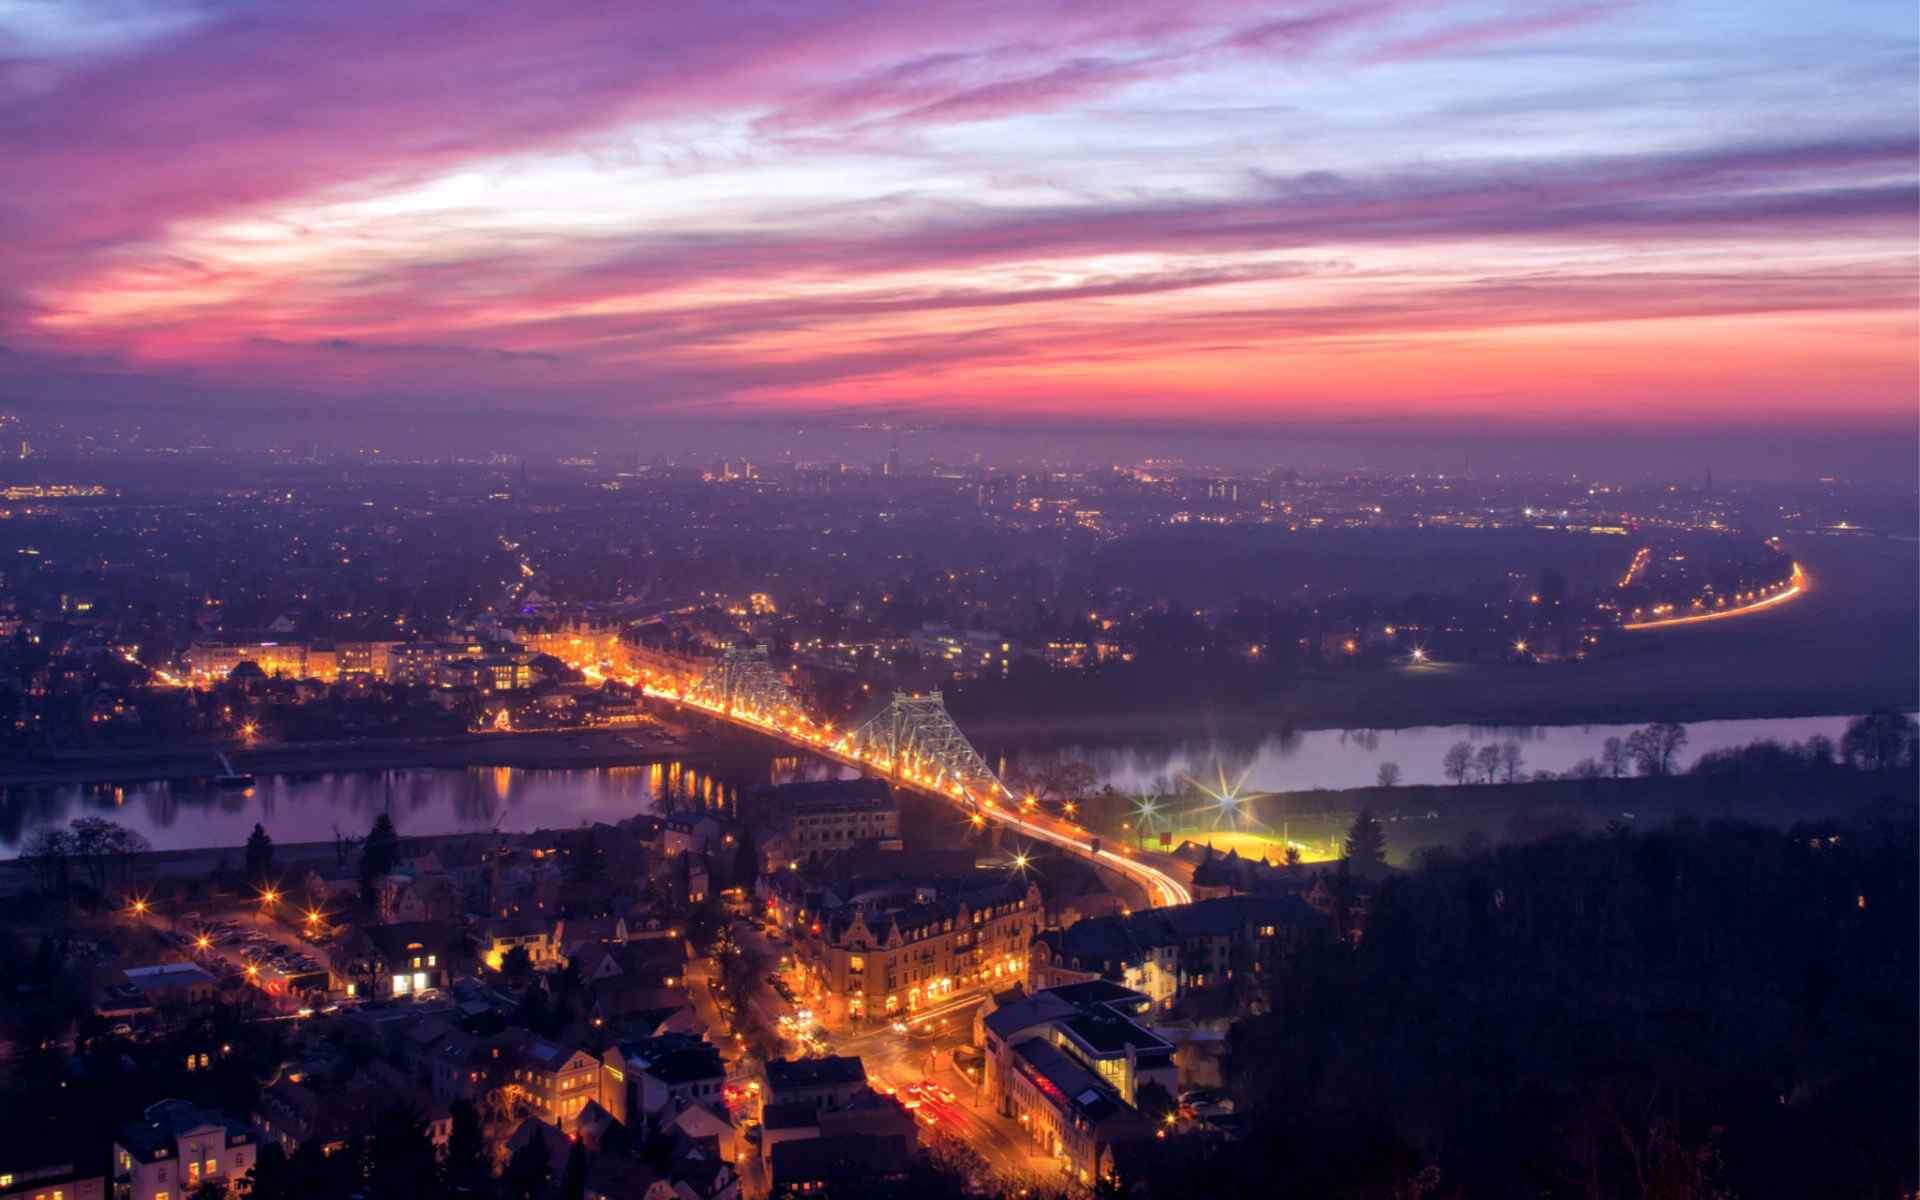 美丽的城市夜景高清桌面壁纸